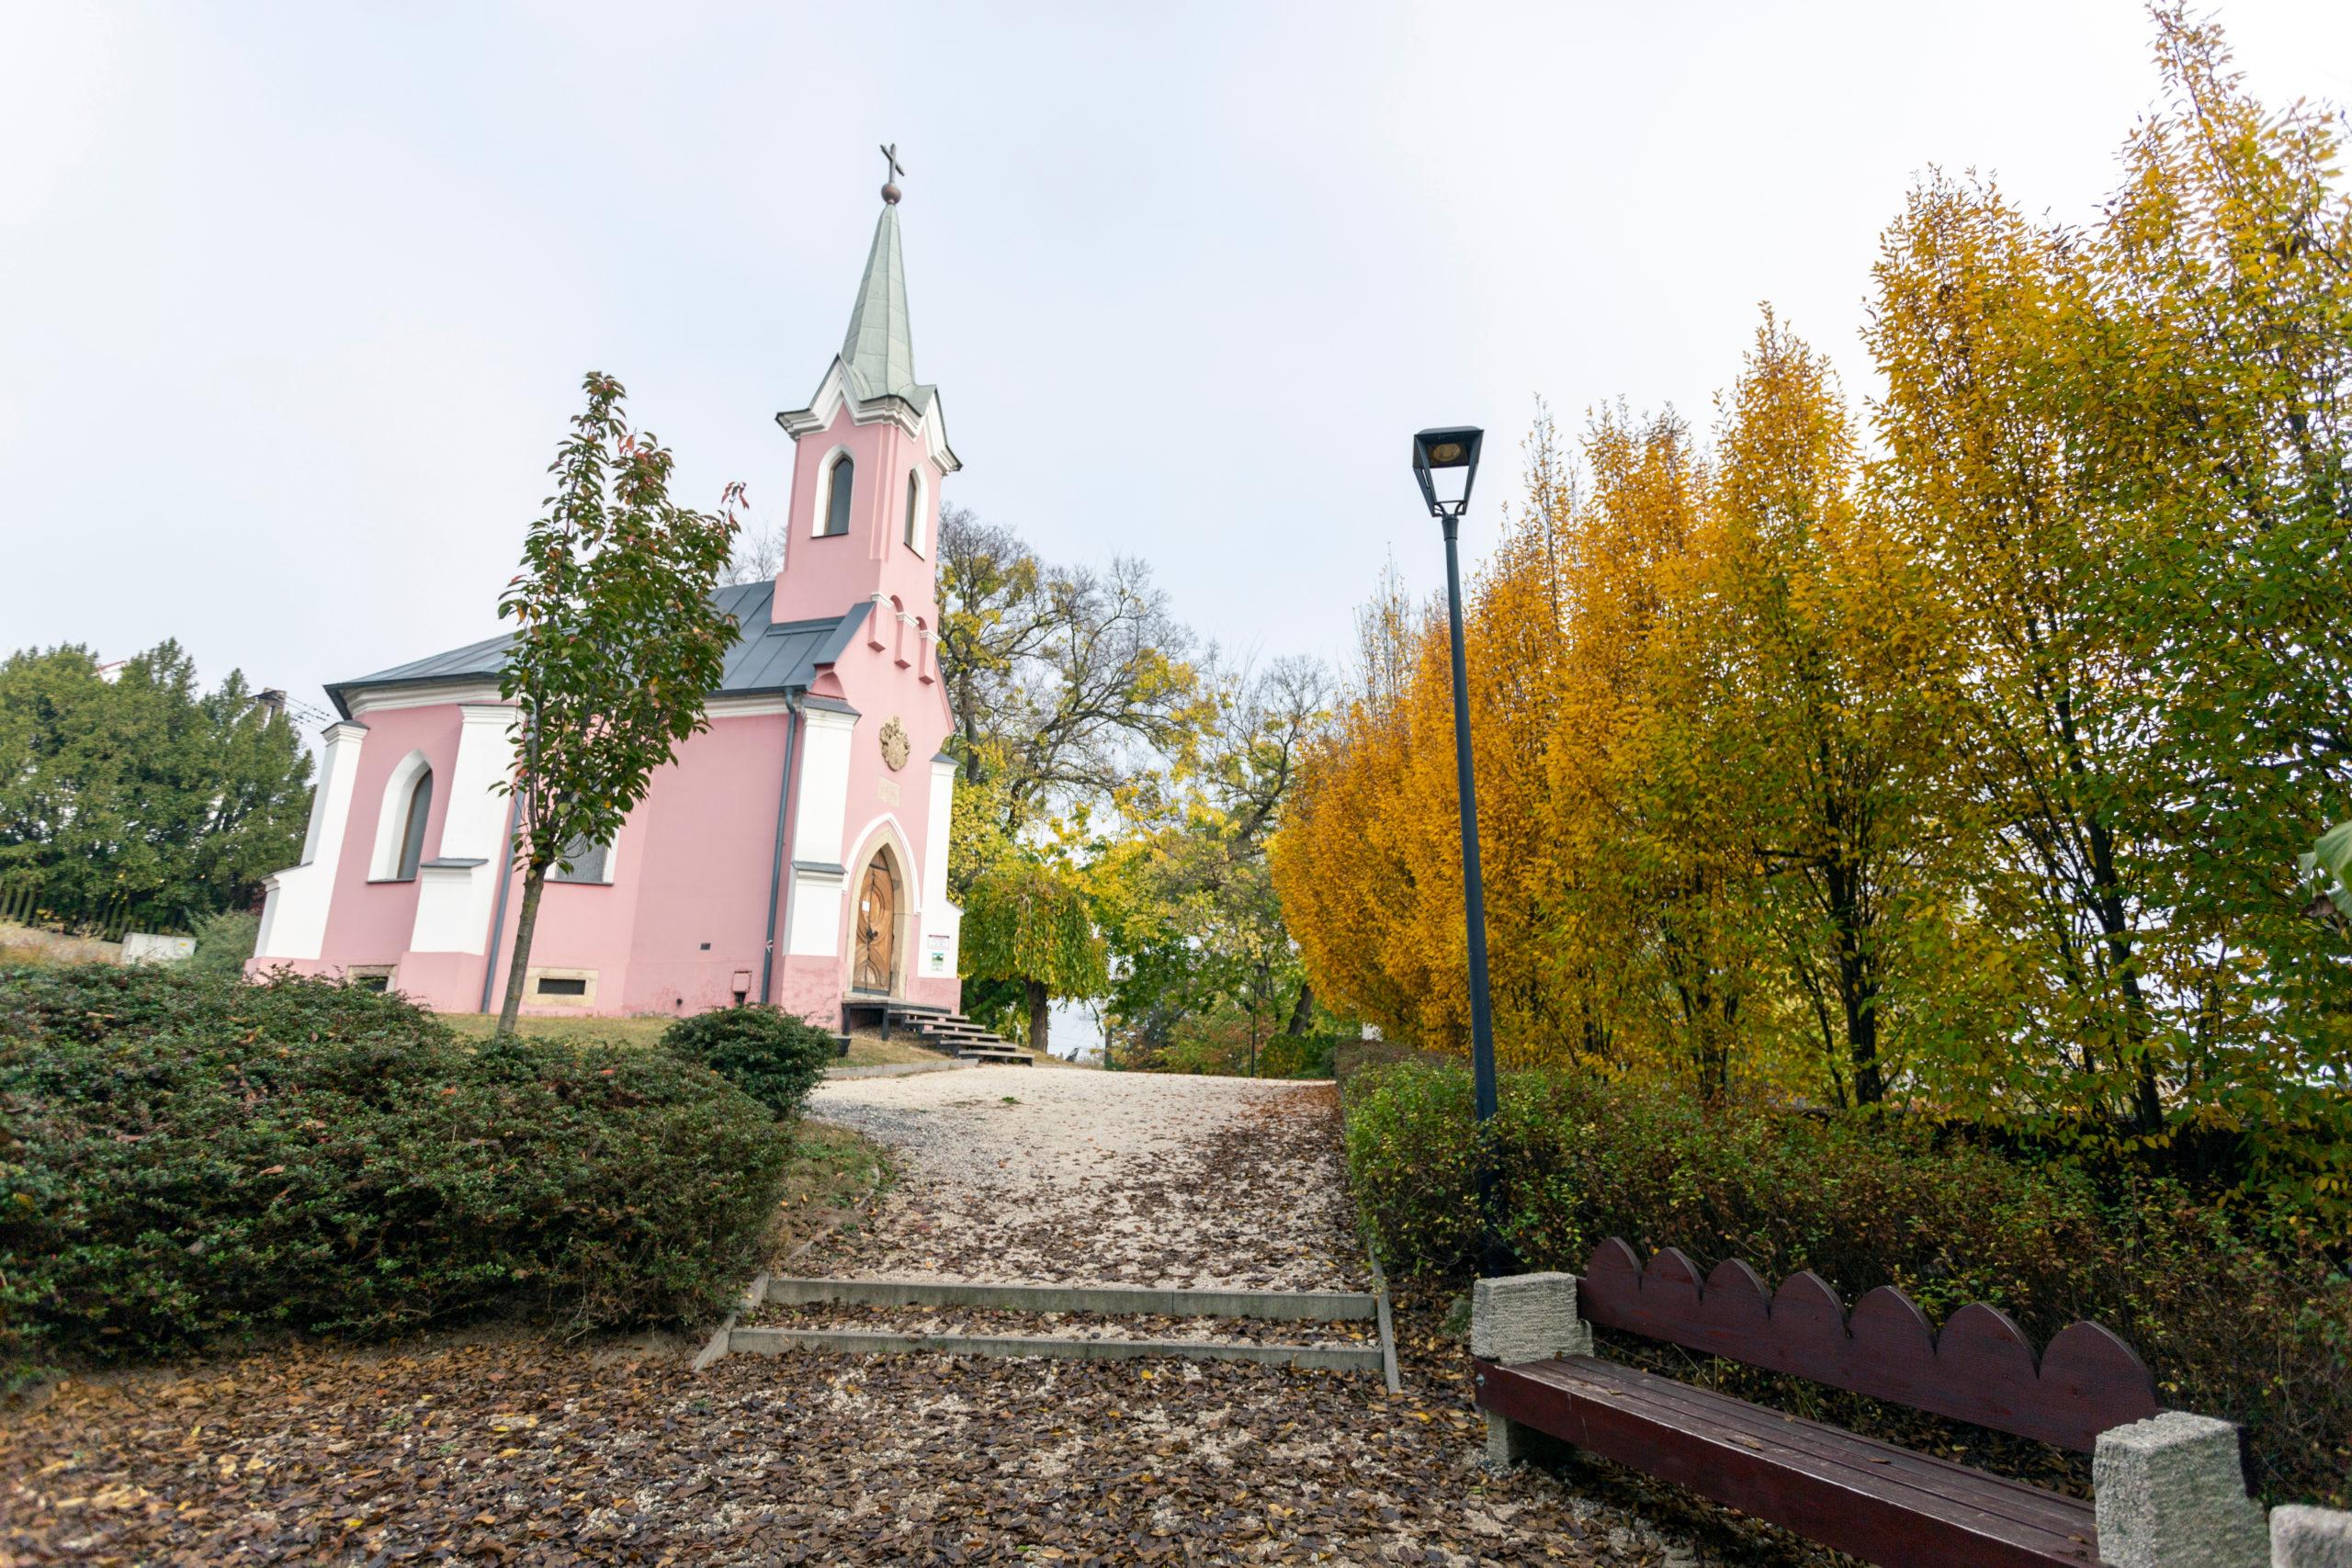 Vörös kápolna, Balatonboglar